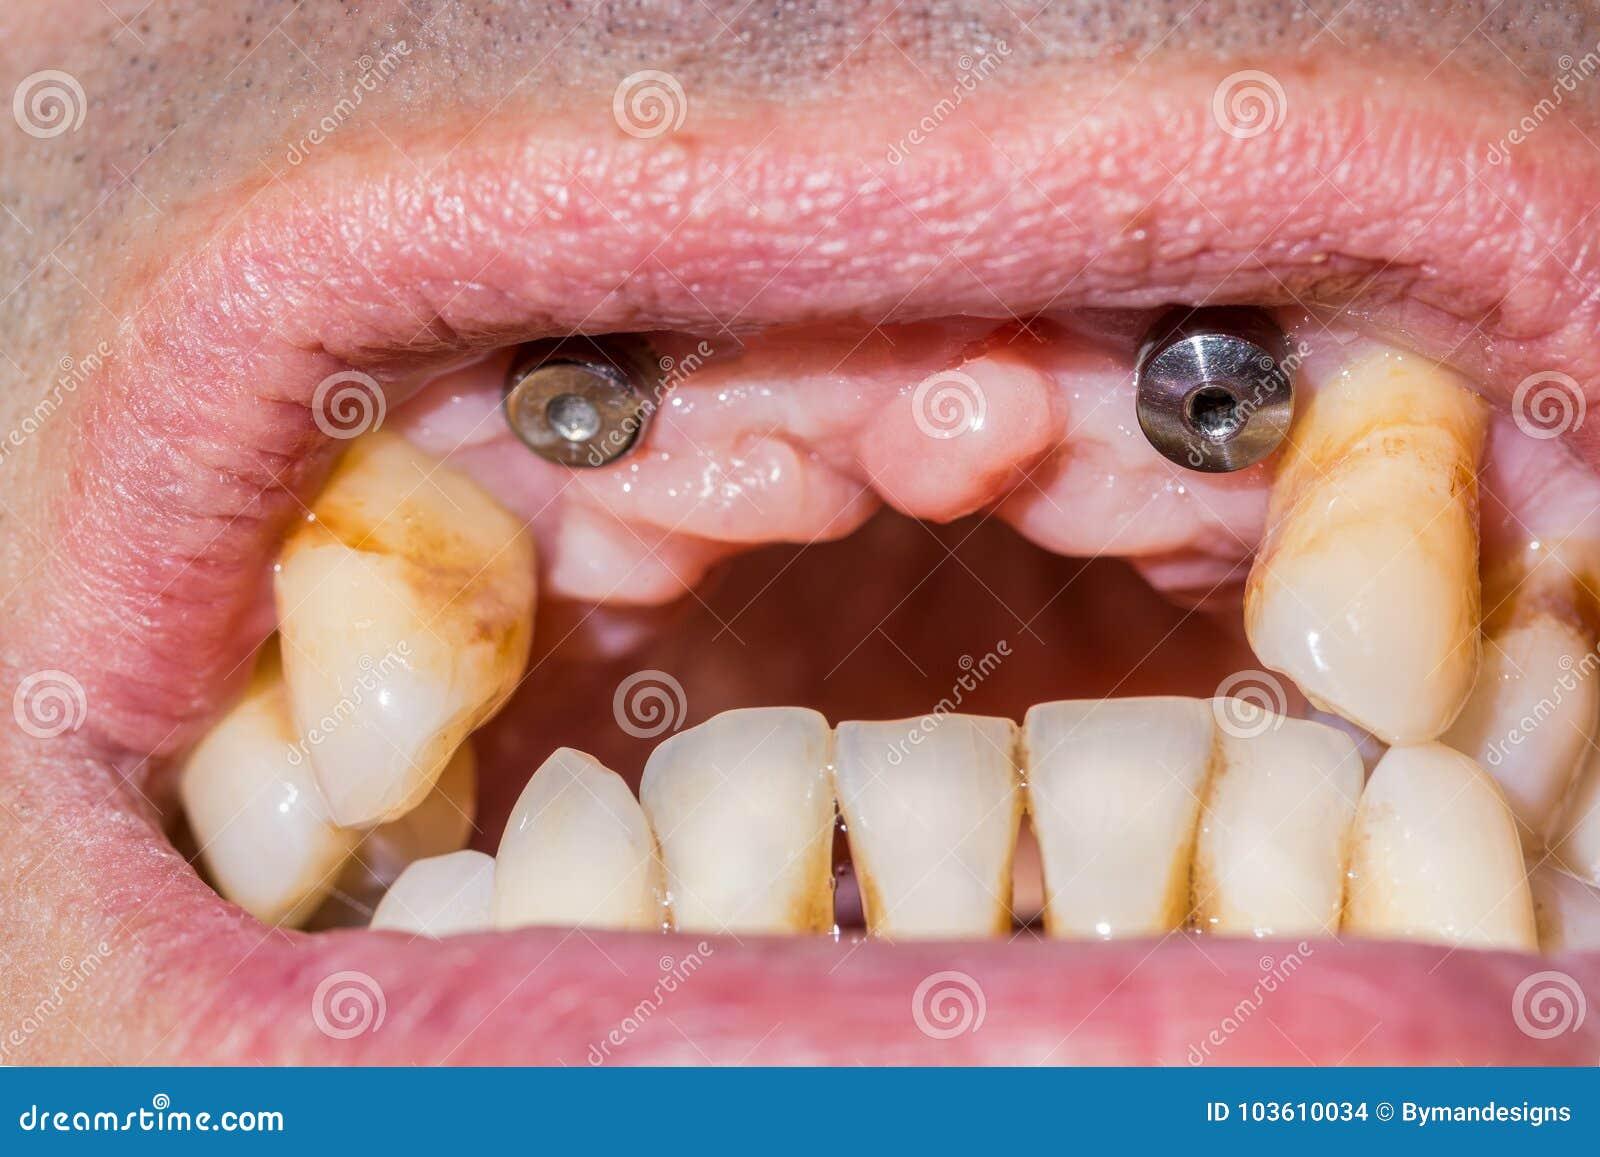 Två hund- tand- implantat i munnen av en patient med advanc